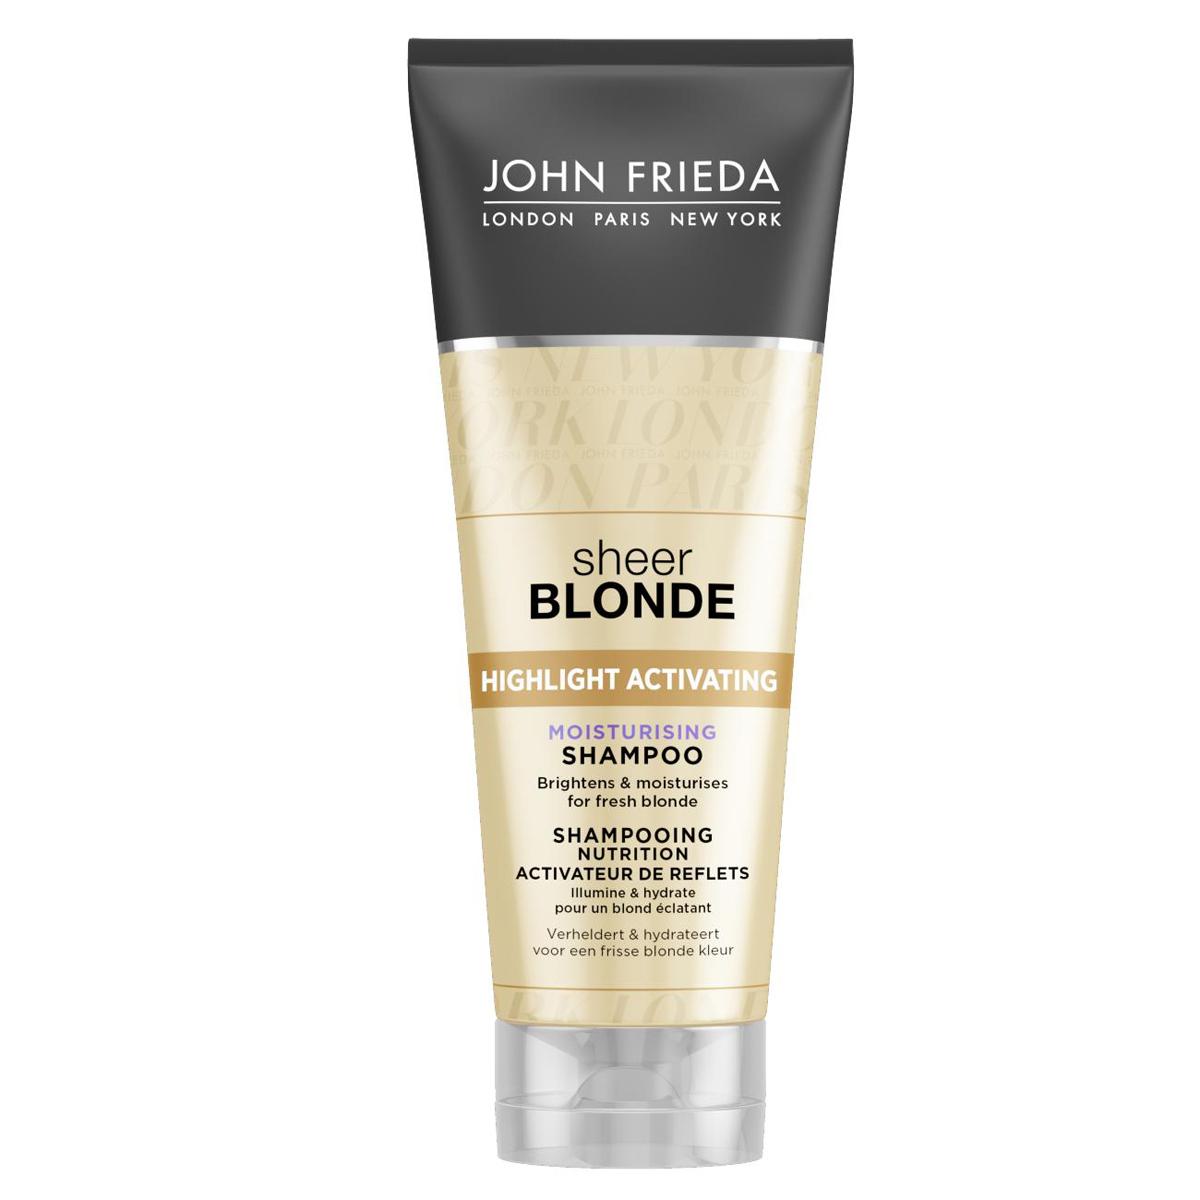 John Frieda Увлажняющий активирующий шампунь для оттенков светлый блондин, 250 млFS-00897Увлажняет и возвращает сияние светлым волосам. Увлажняет и придает сияние светлым волосам. Формула увлажняющего шампуня содержит экстракты подсолнечника и белого чая, усиливает сияние любого оттенка светлых волос. Применение: Нанесите на влажные волосы, вспеньте и тщательно смойте. Для наилучшего результата и увлажнения волос далее используйте увлажняющий активирующий шампунь для светлых волос Sheer Blonde.НЕ ОКРАШИВАЕТ ВОЛОСЫ *Безопасен для натуральных, окрашенных и мелированных волос. Характеристики:Объем: 250 мл. Производитель: Великобритания. Товар сертифицирован.